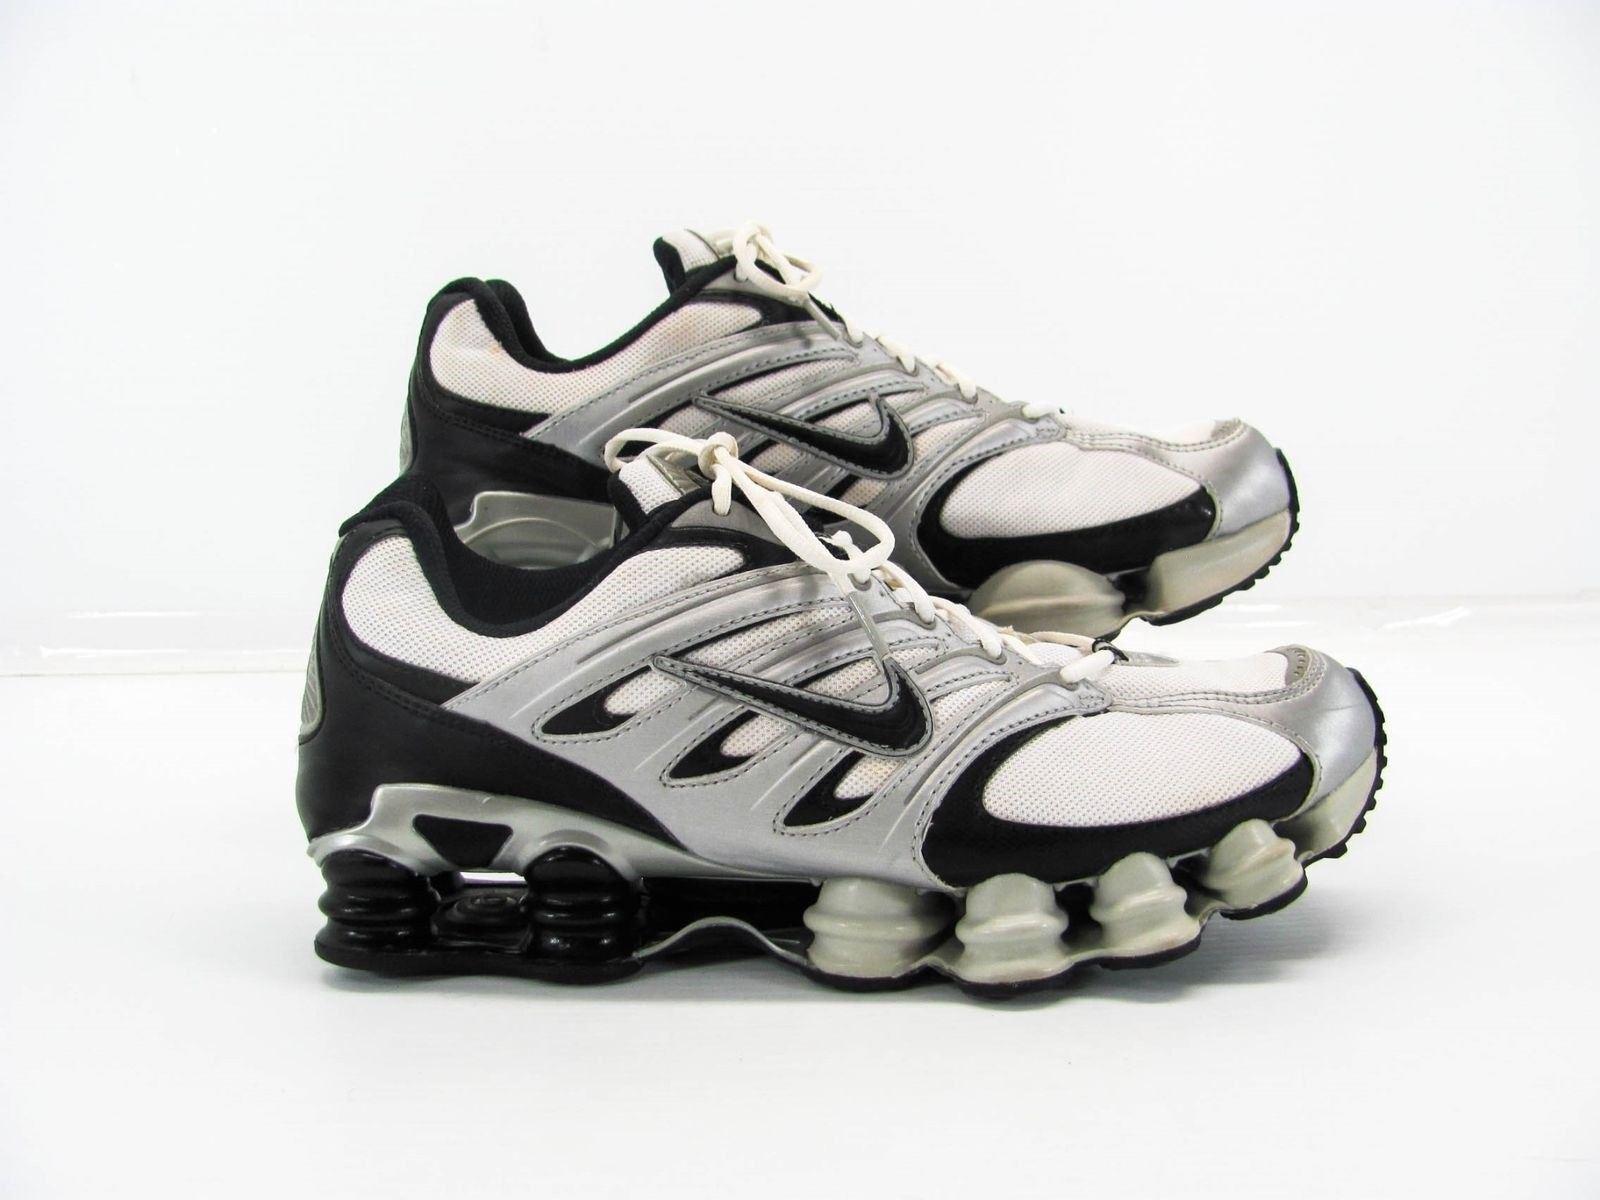 Nike shox männer männer männer weiße silver schwarzer schuh schuh uns 12m bereits im besitz. 9bbe9a